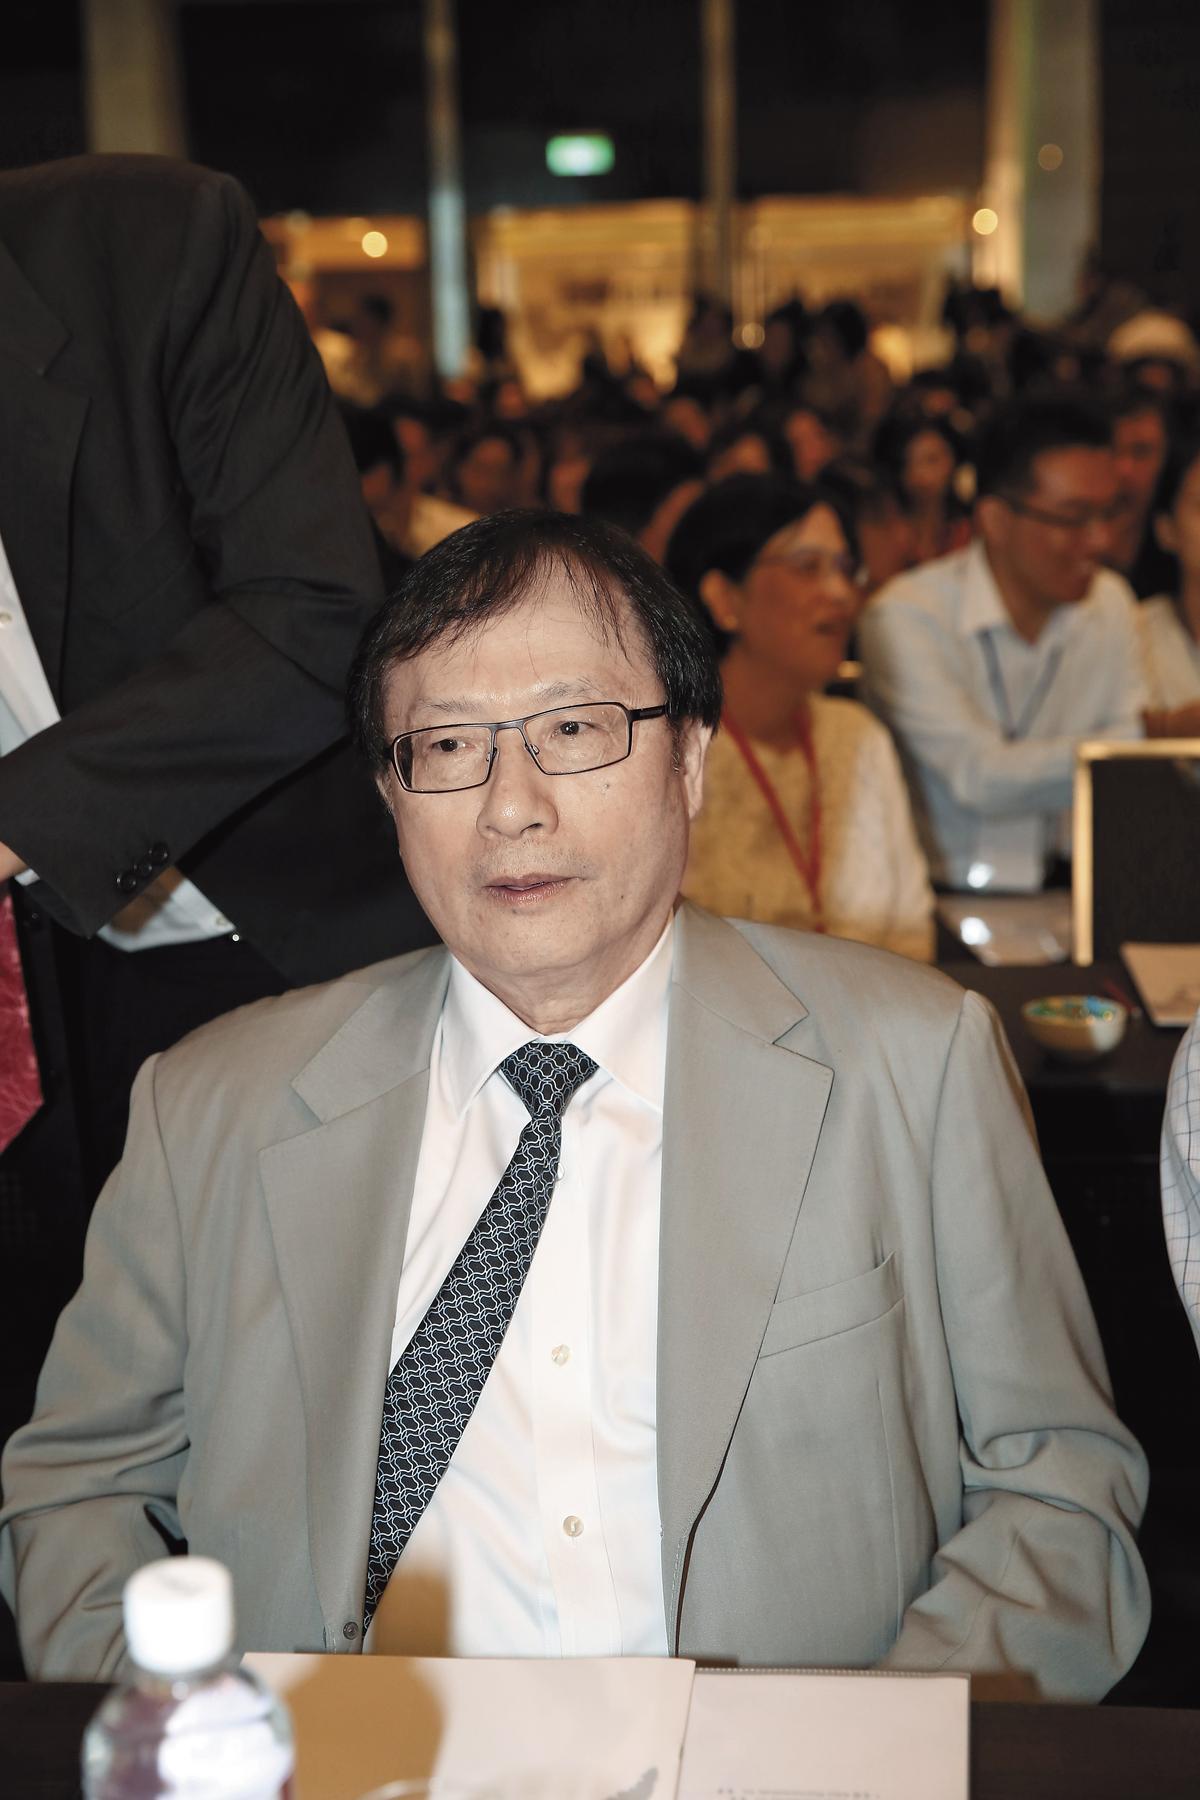 宇昌案當事人之一、中研院院士陳良博3月重砲批評蔡政府後,引起總統府高層為之震動。